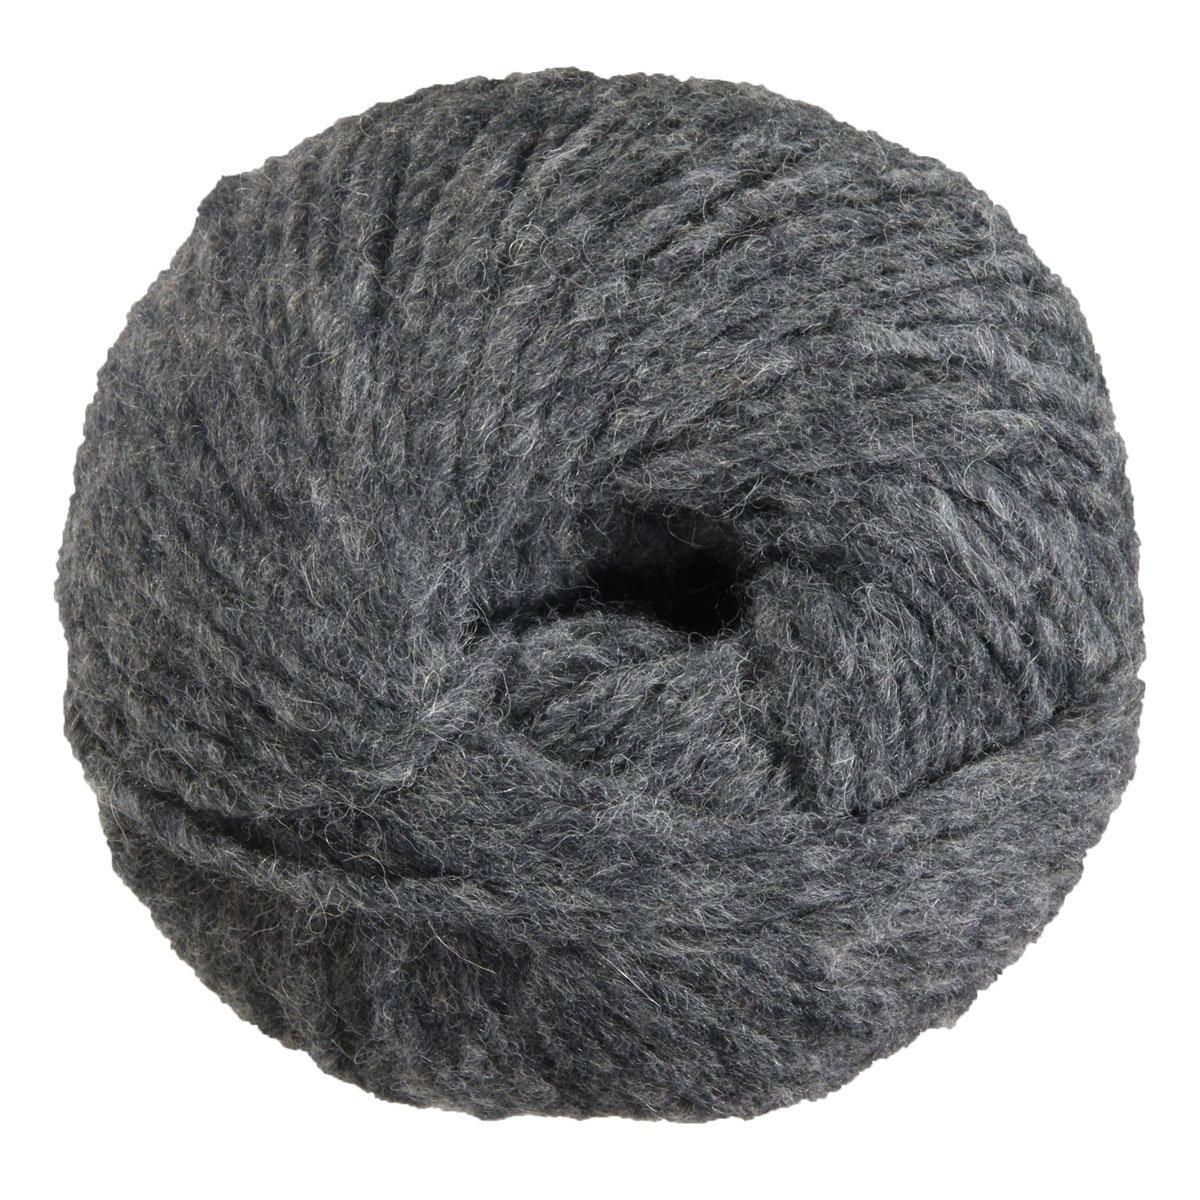 brushed fleece rock